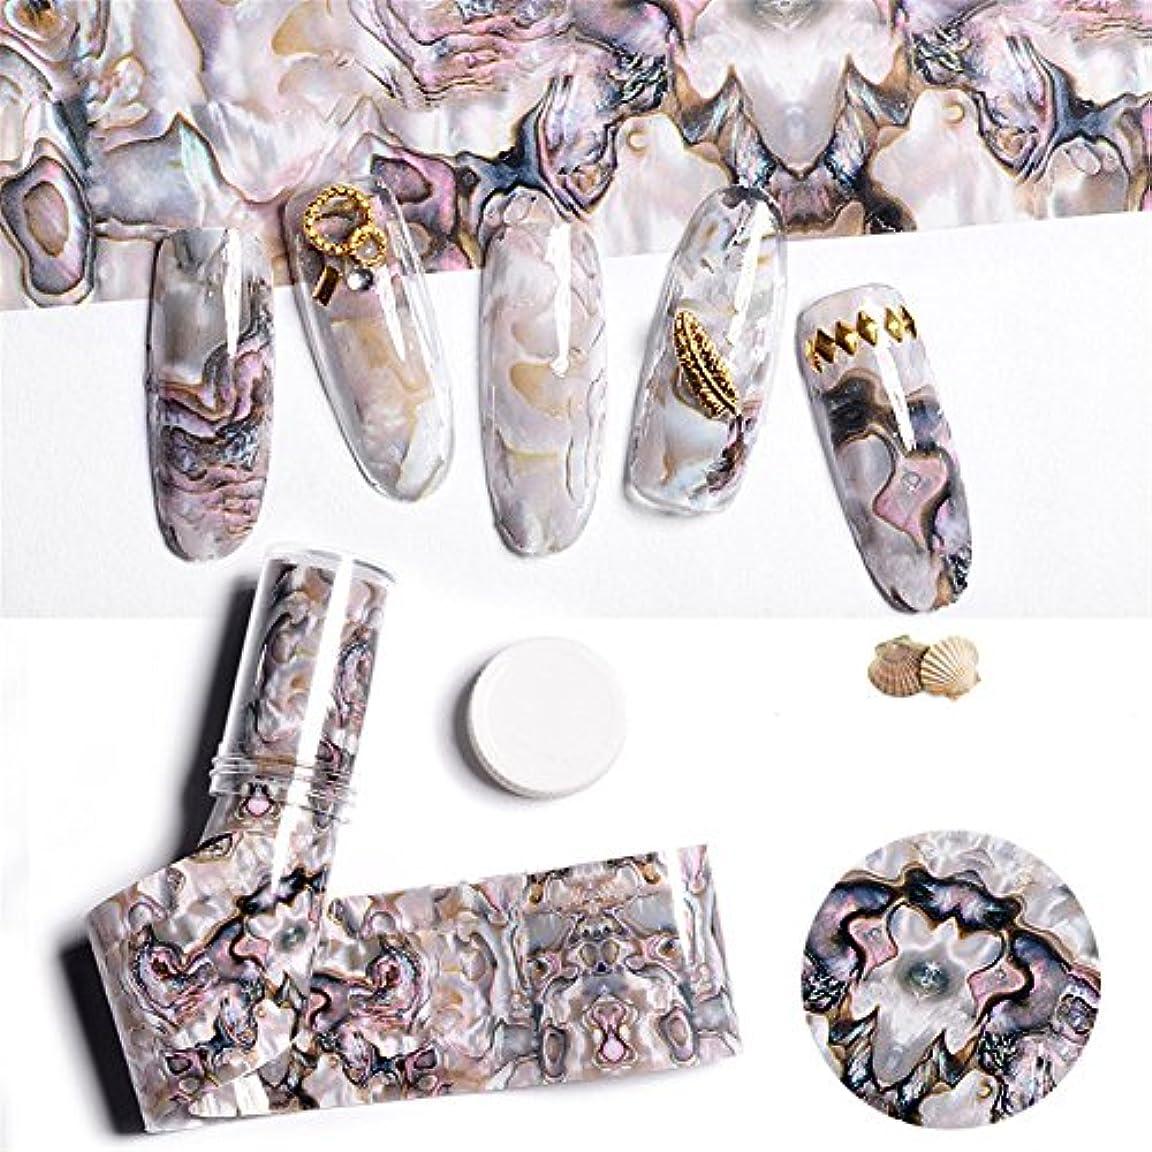 バーチャルチャンピオンシップ暖かさ1枚 4cm*100cm 貝殻柄ネイルホイル箔 フォイル ジェルネイルフォイル ホイル ネイル  ホログラム